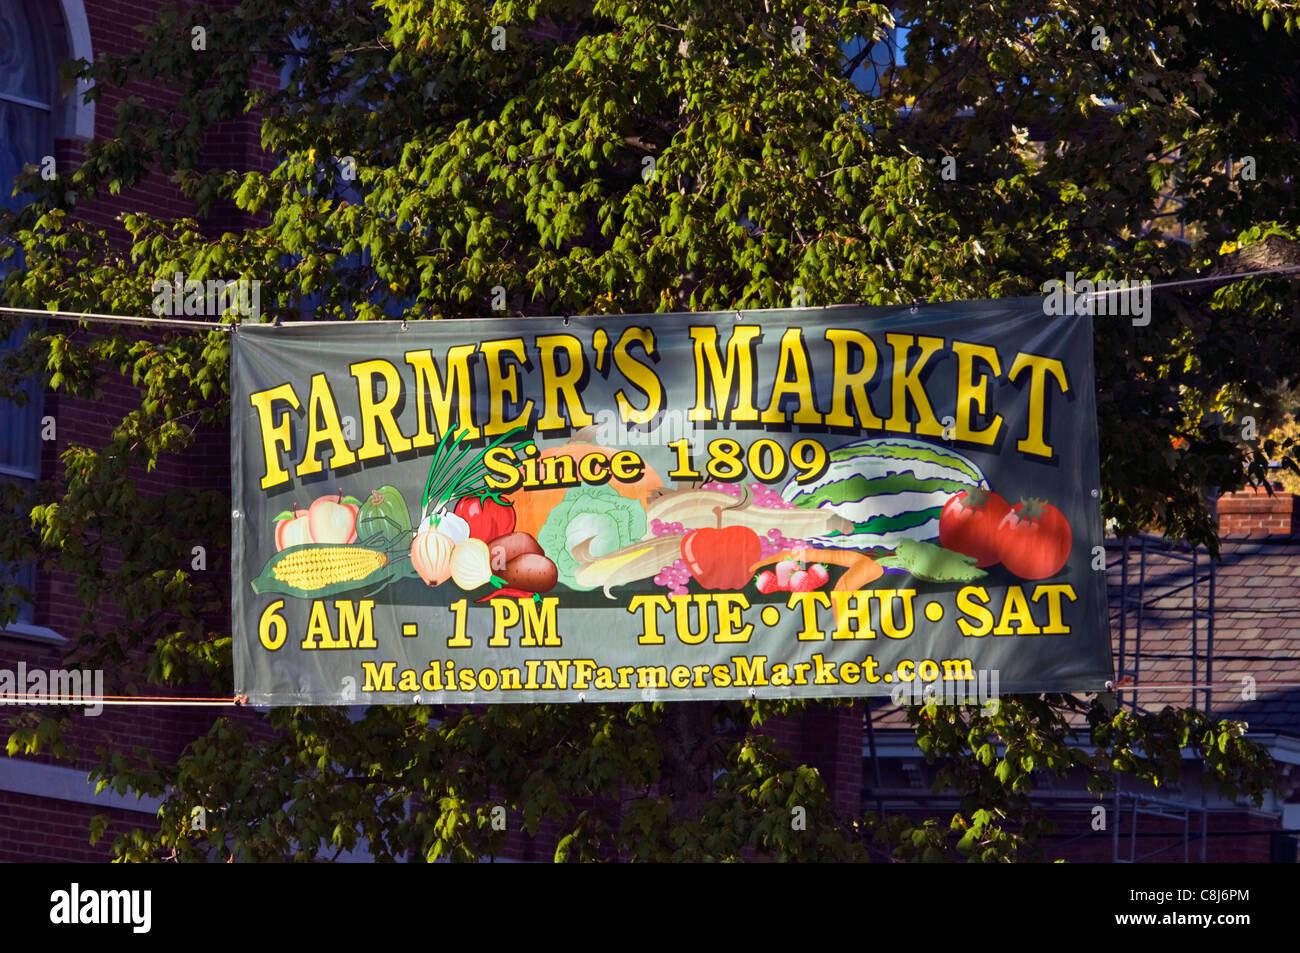 Mercado de agricultores Banner en Madison, Indiana Imagen De Stock